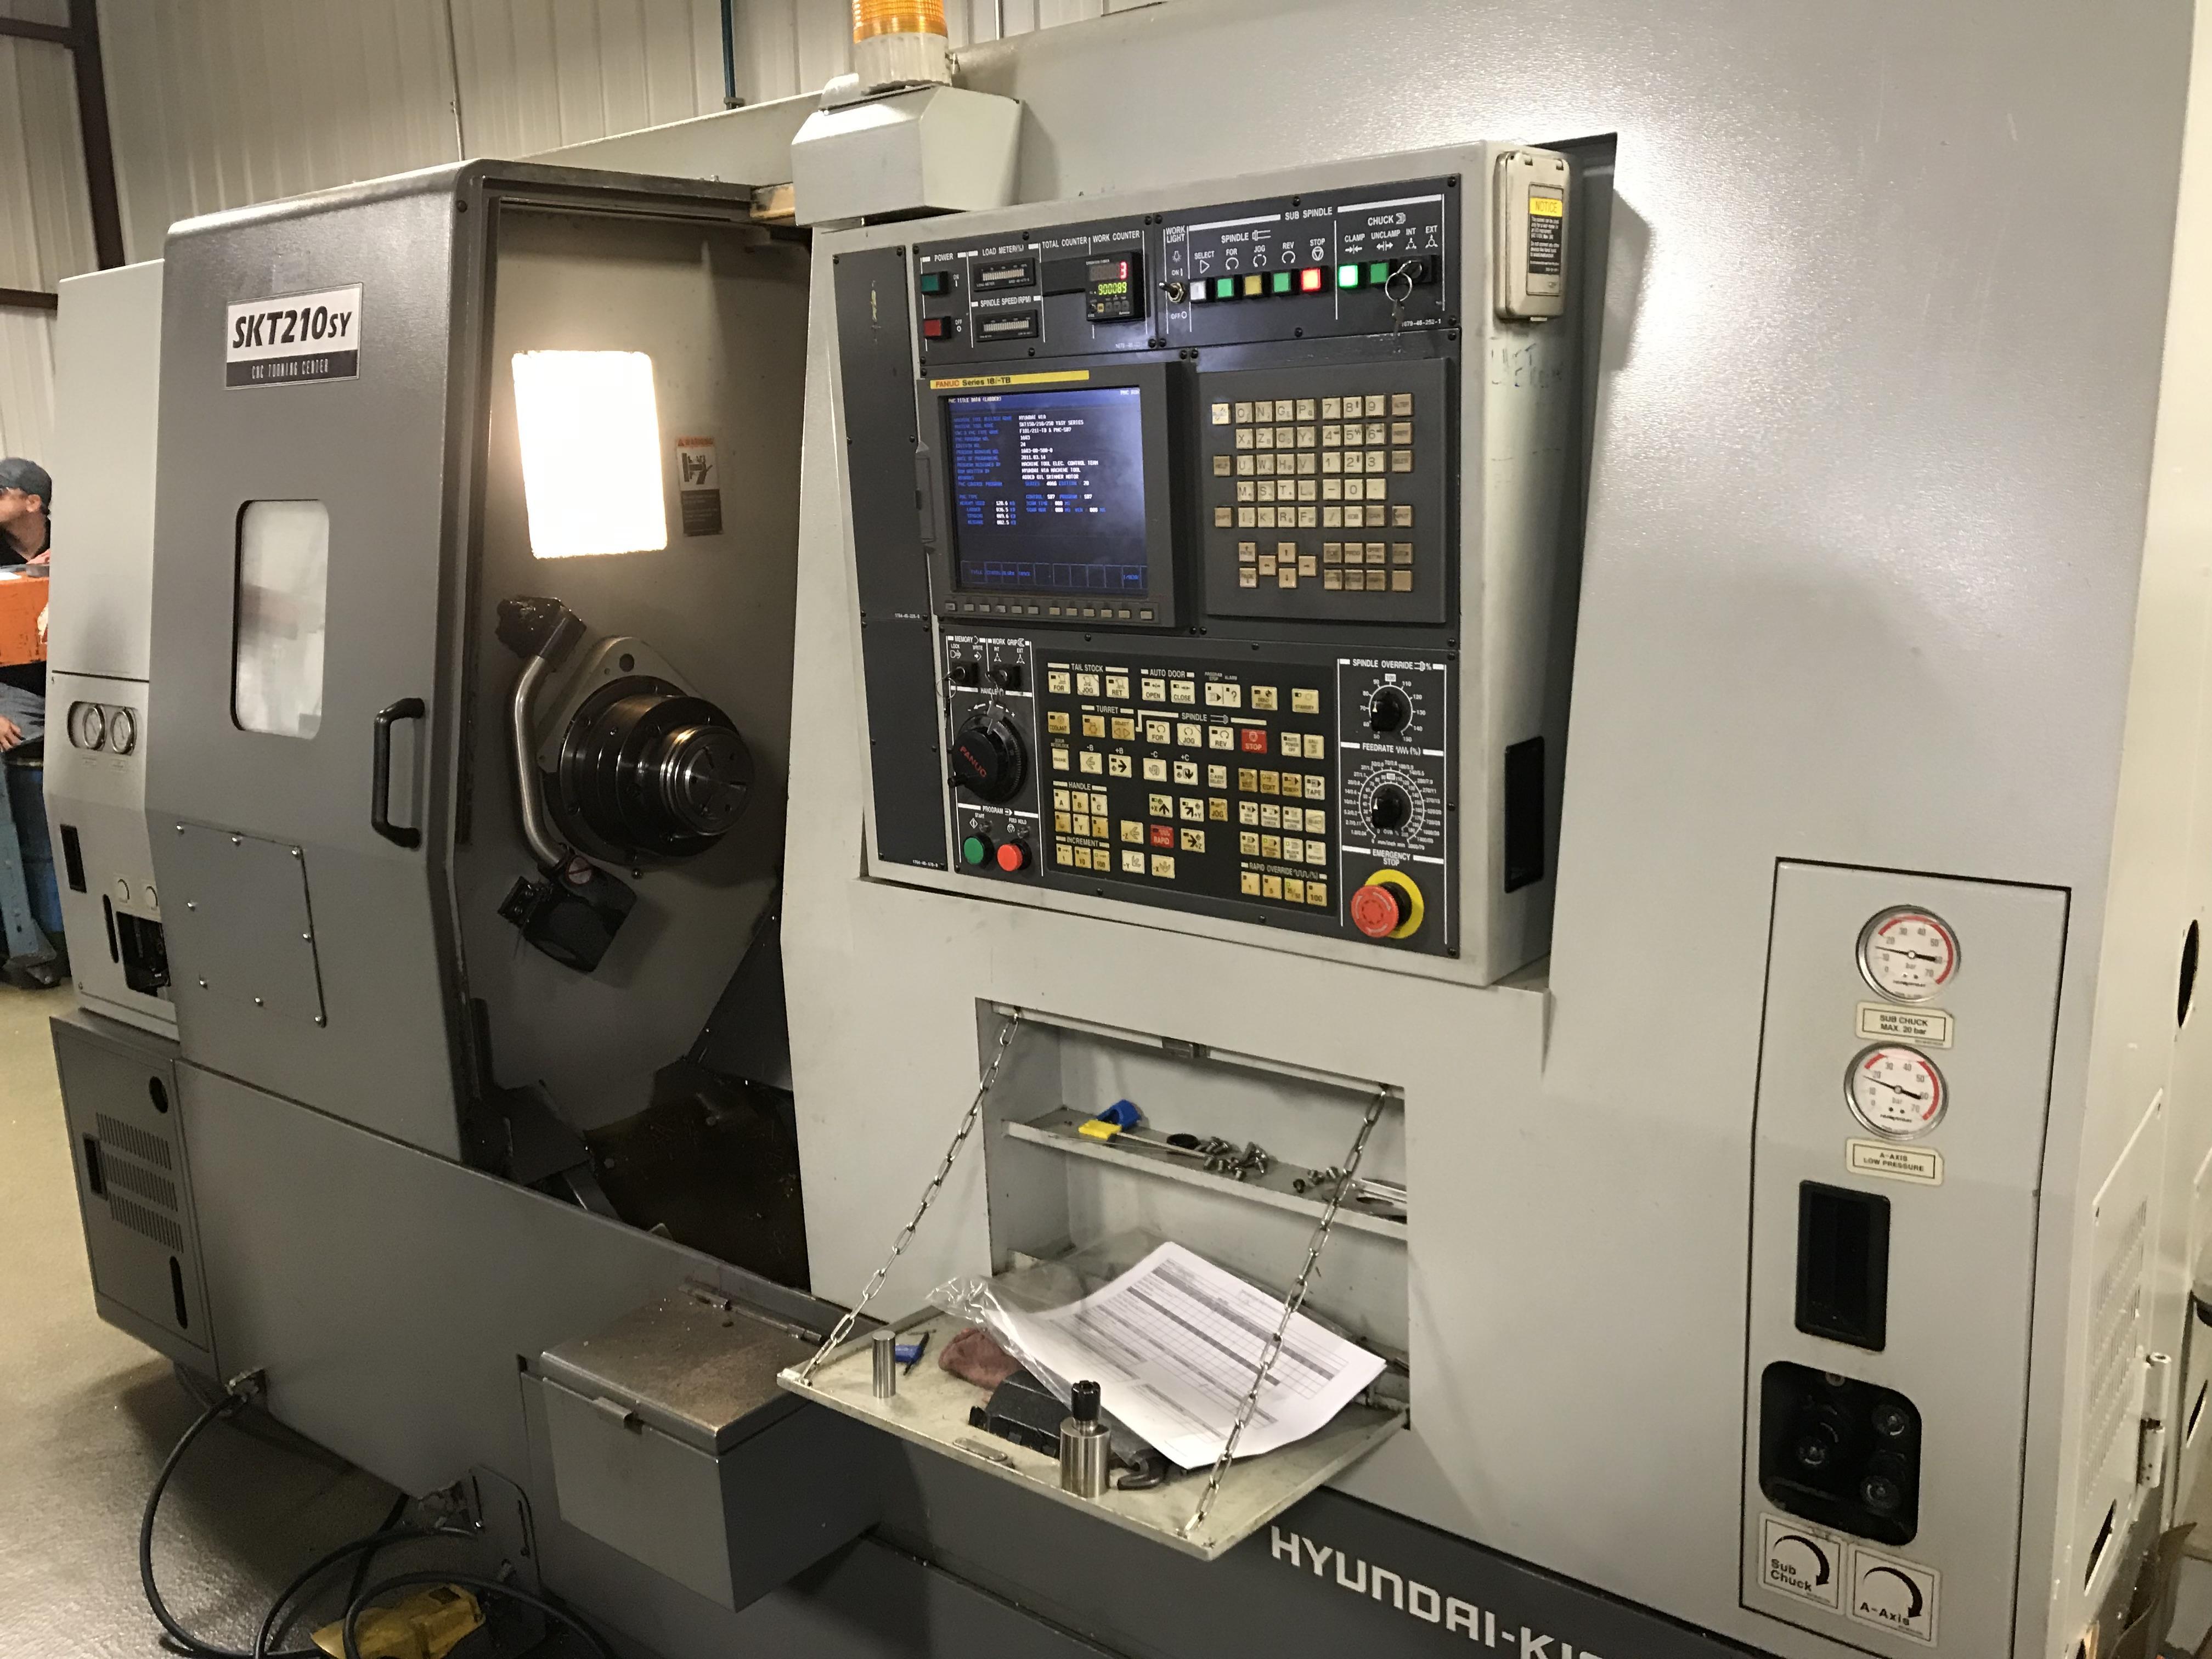 Hyundai Kia SKT210SY CNC Lathe, 8